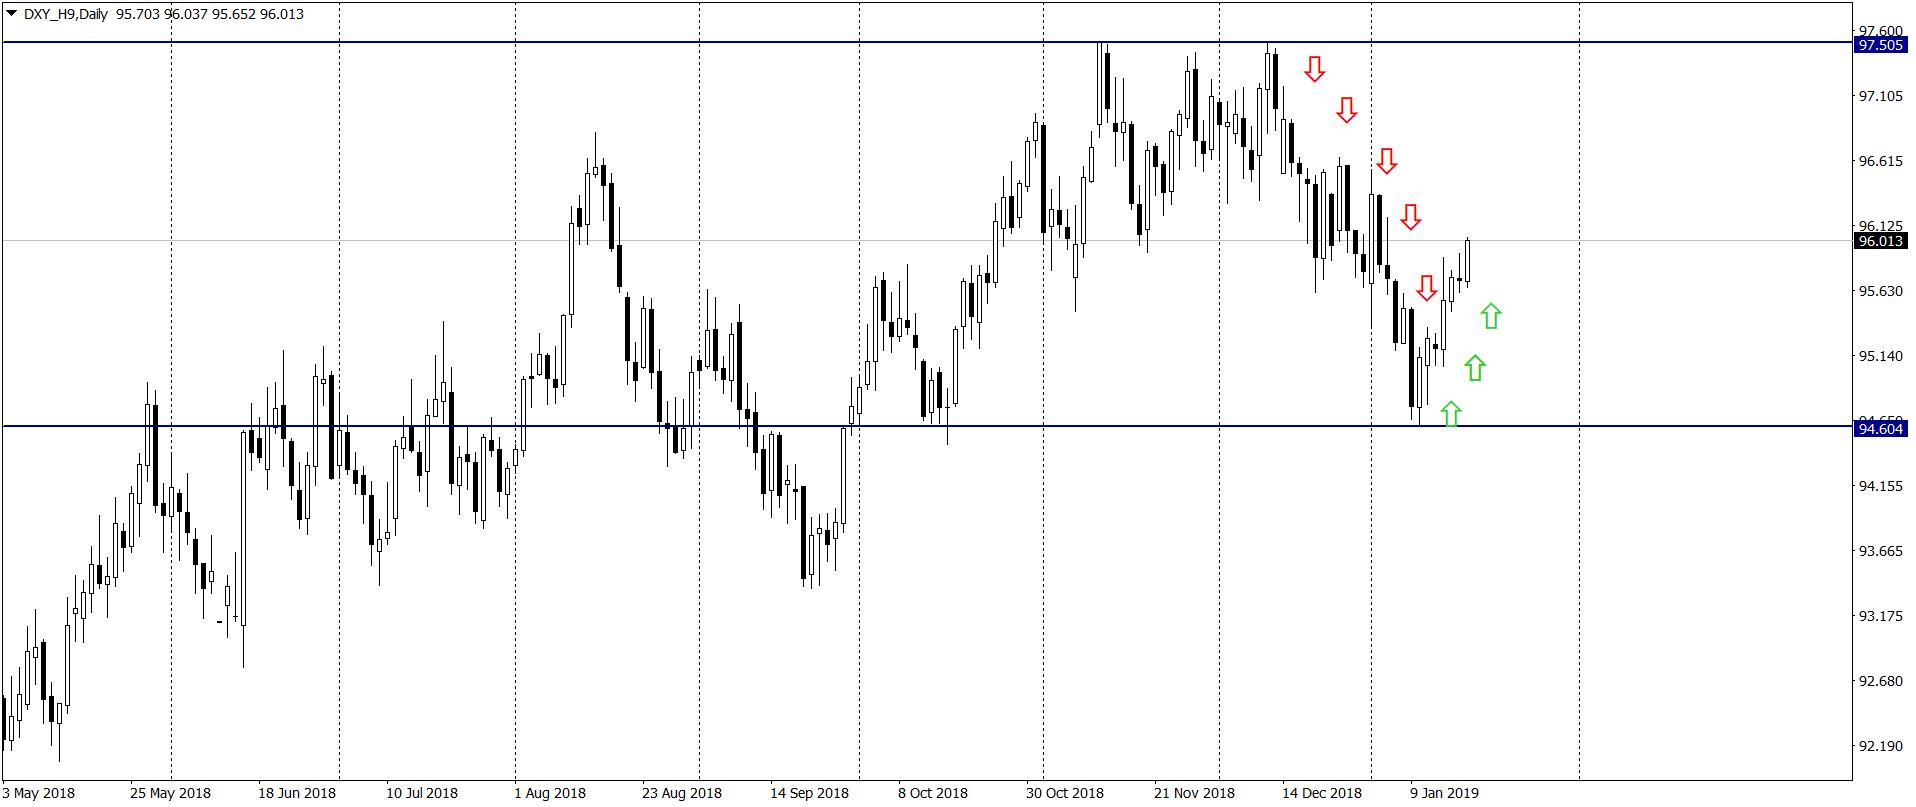 Problemy w Europie i USA wpłyną silnie na kurs dolara i euro – Rabobank